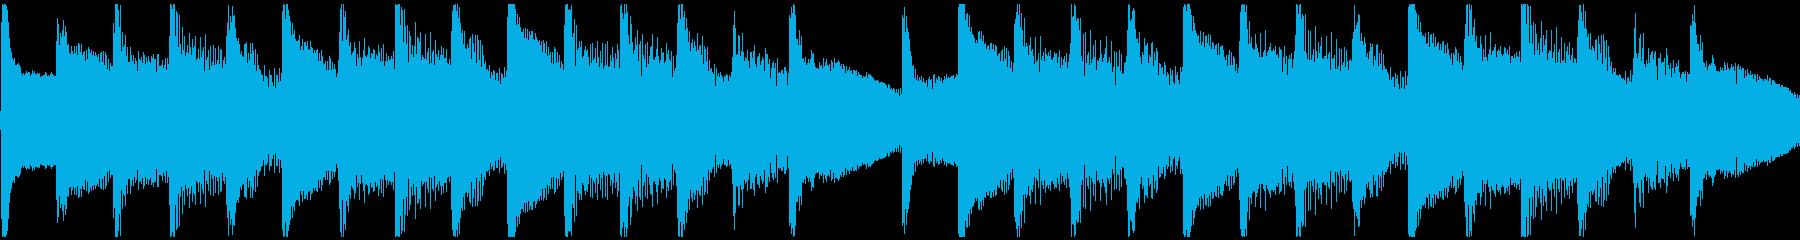 琴、日本の風景、和菓子、CM等ループ2の再生済みの波形